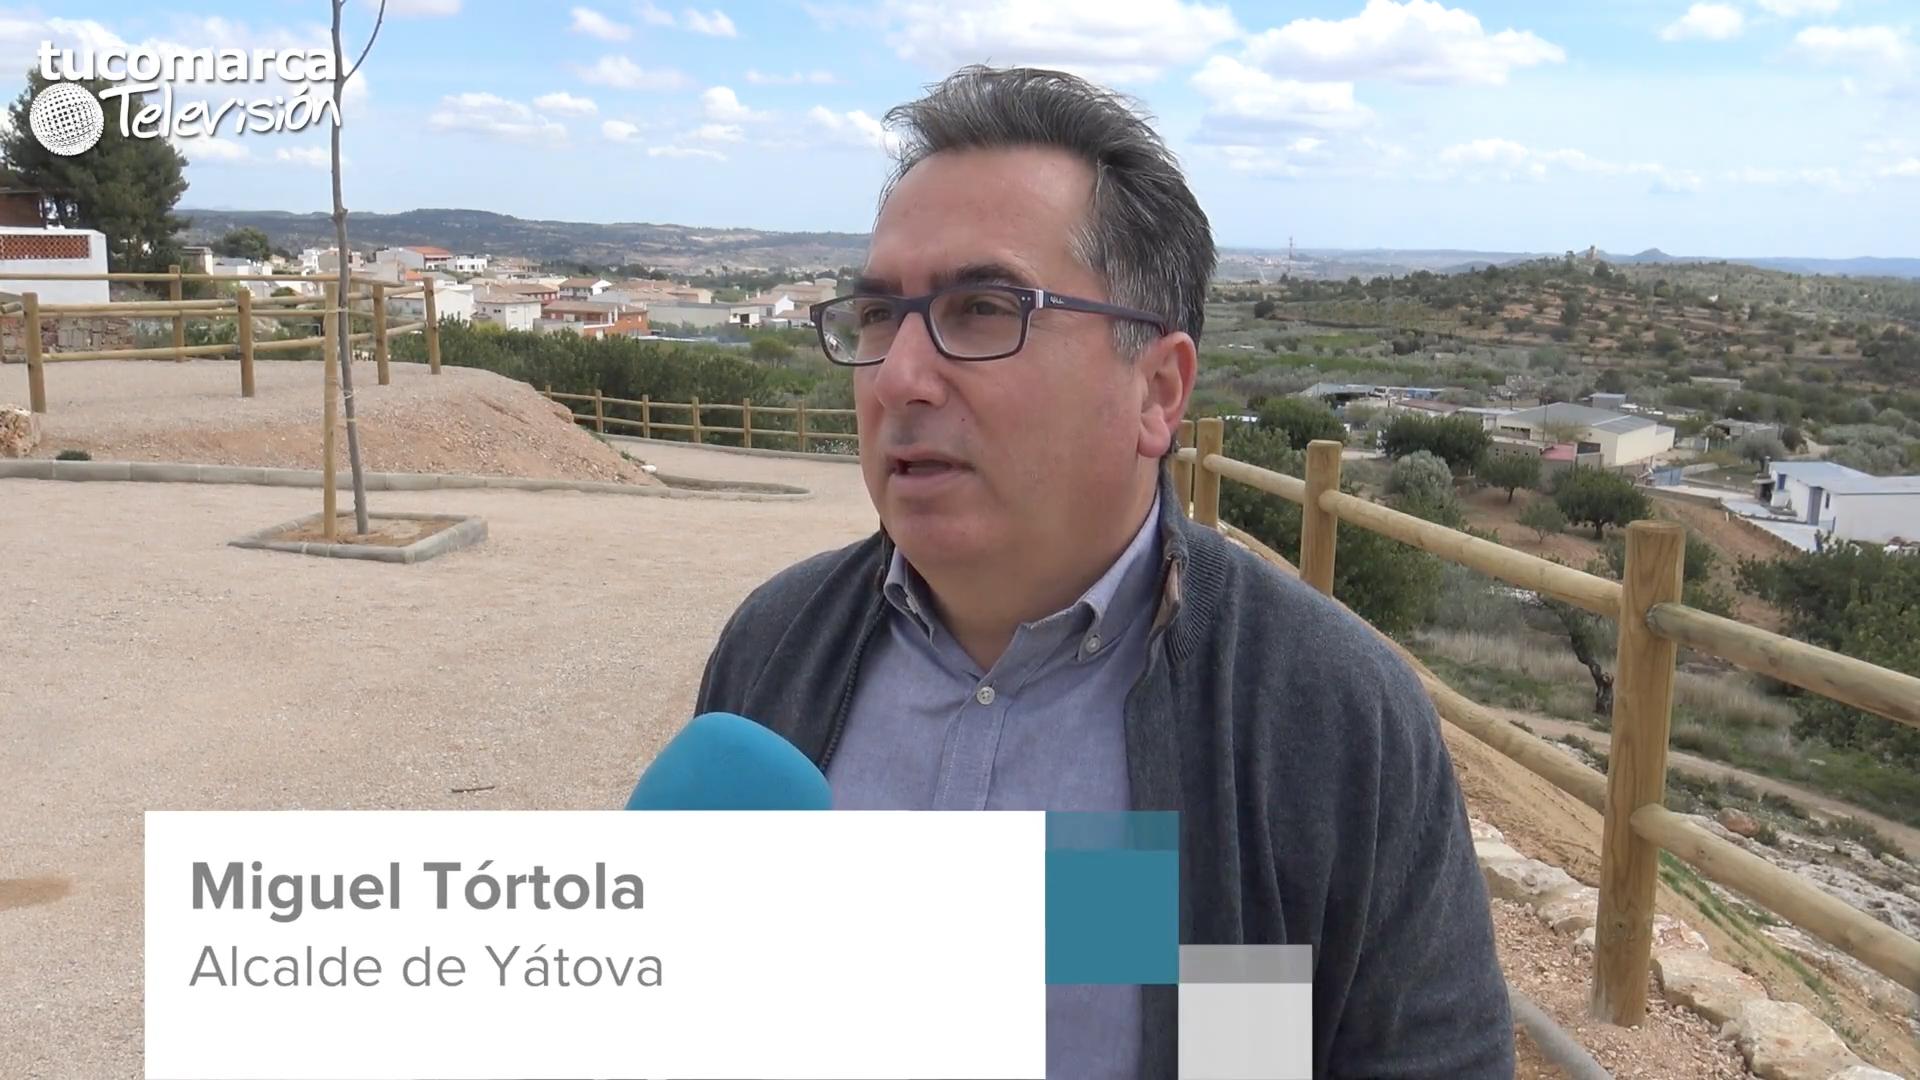 El alcalde de Yátova durante una entrevista para tucomarca televisión.